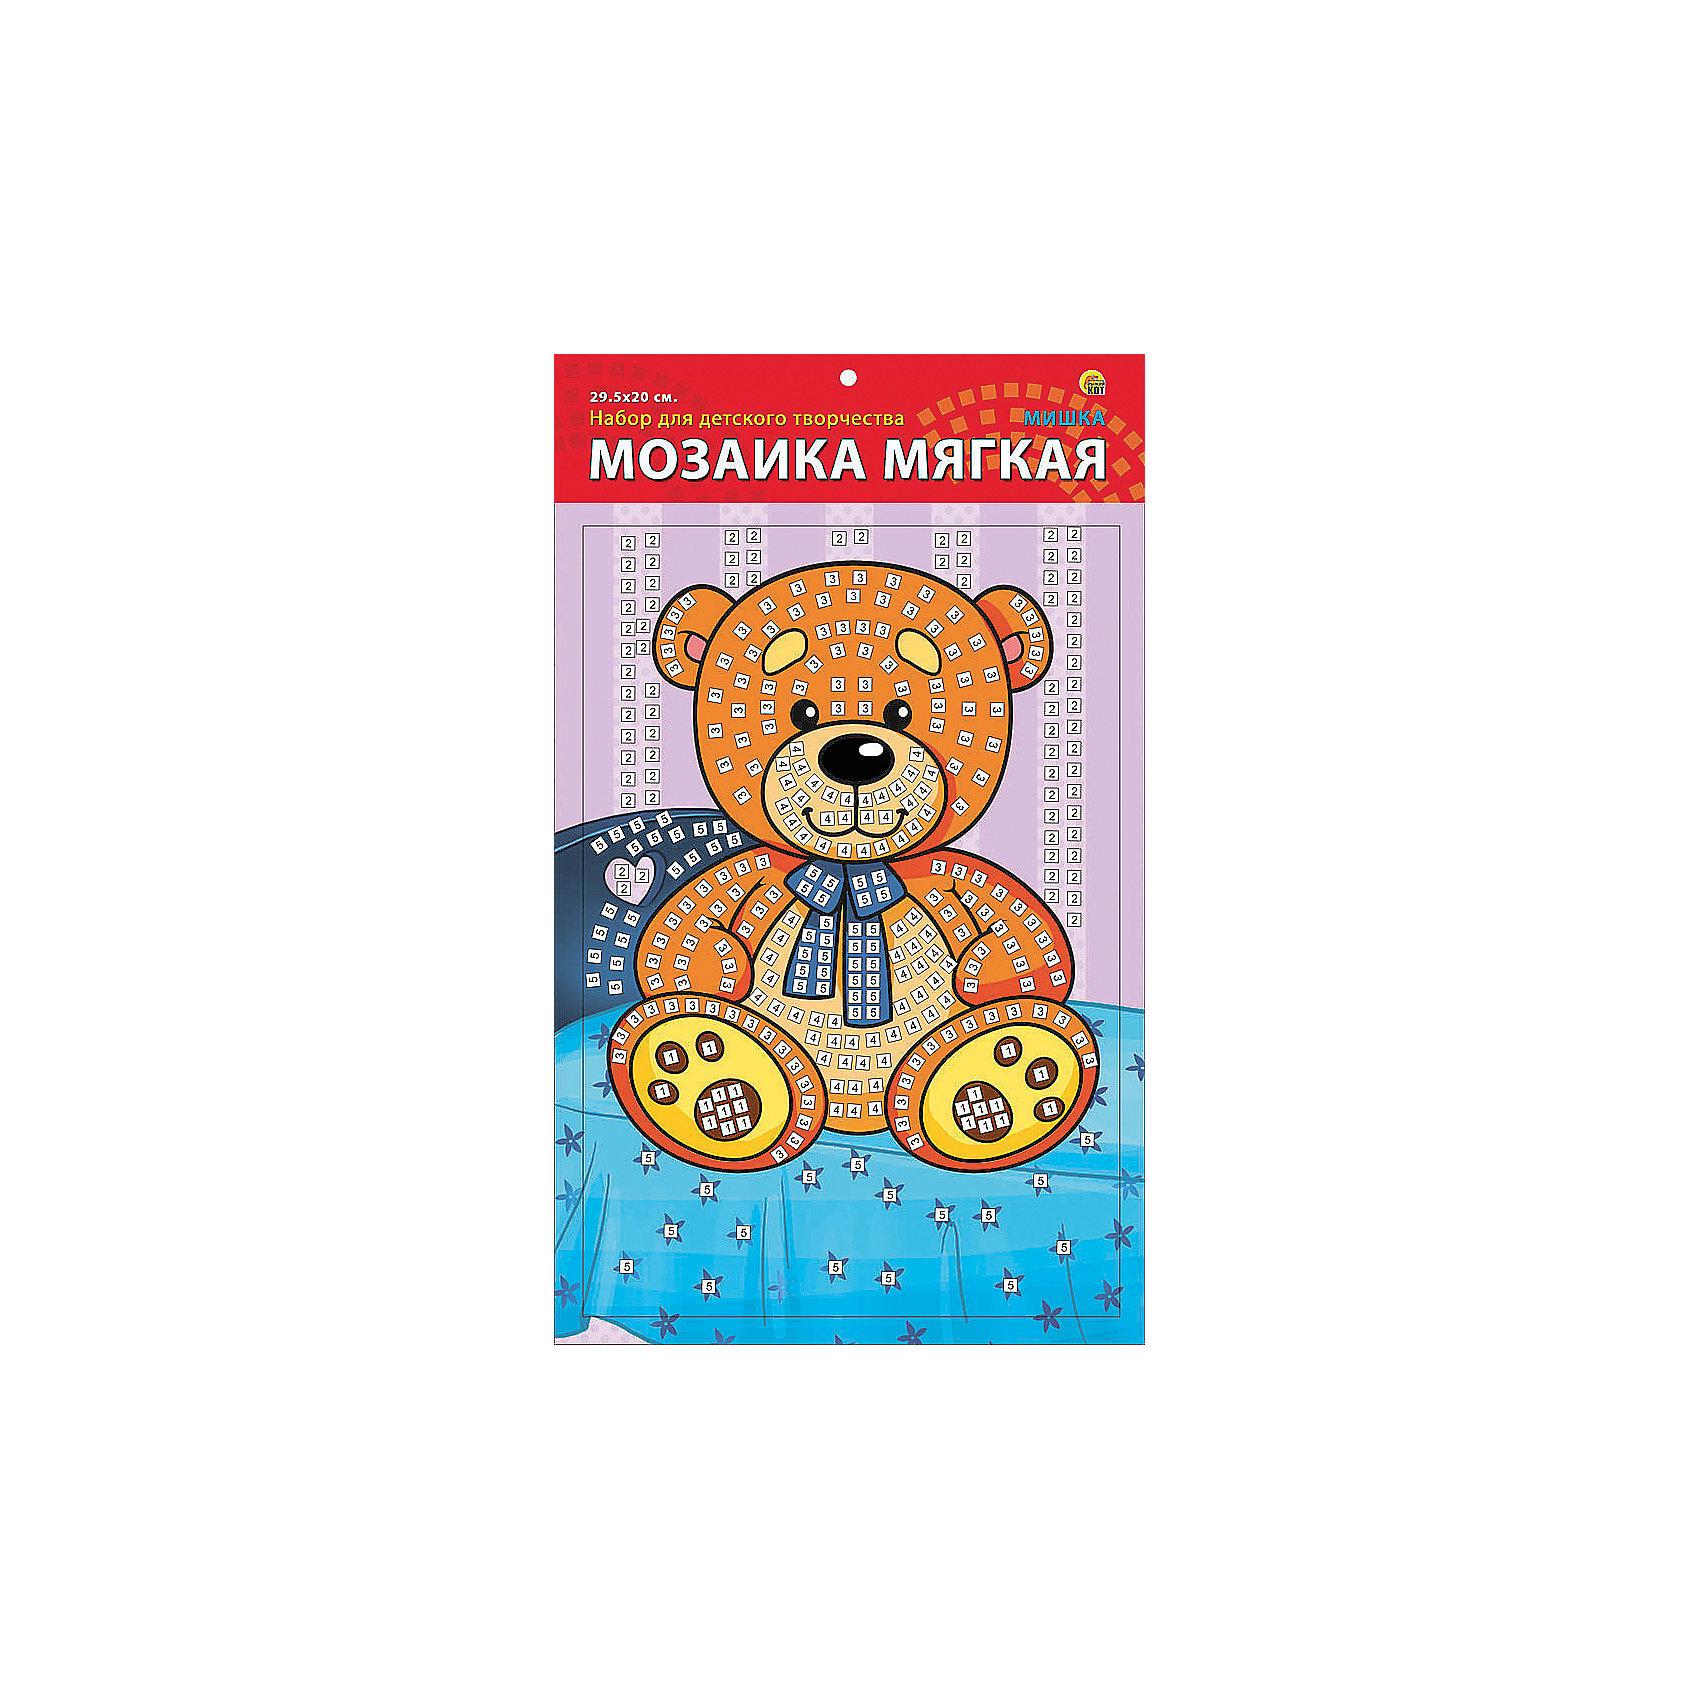 Издательство Рыжий кот Мягкая мозаика Мишка формат А4 (29.5х20 см) издательство рыжий кот мягкая мозаика обезьянка формат а5 21х15 см